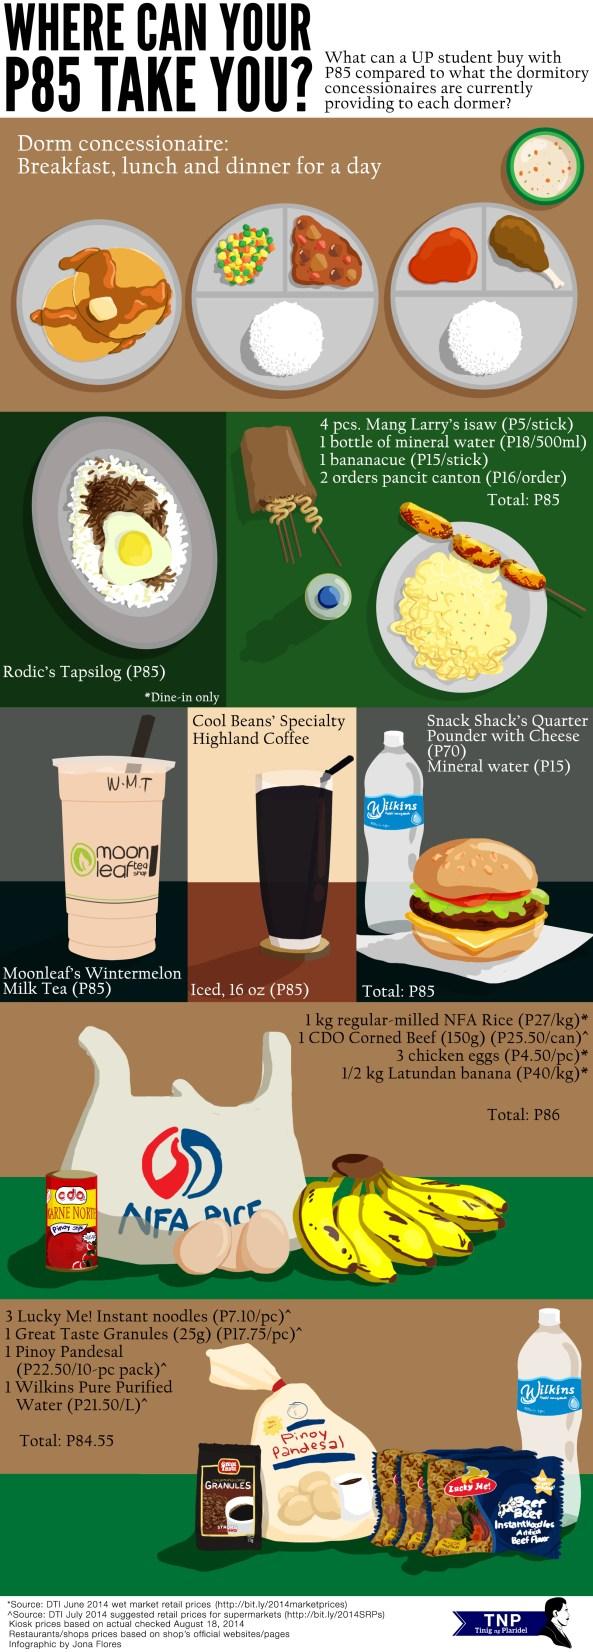 Dorm food fees